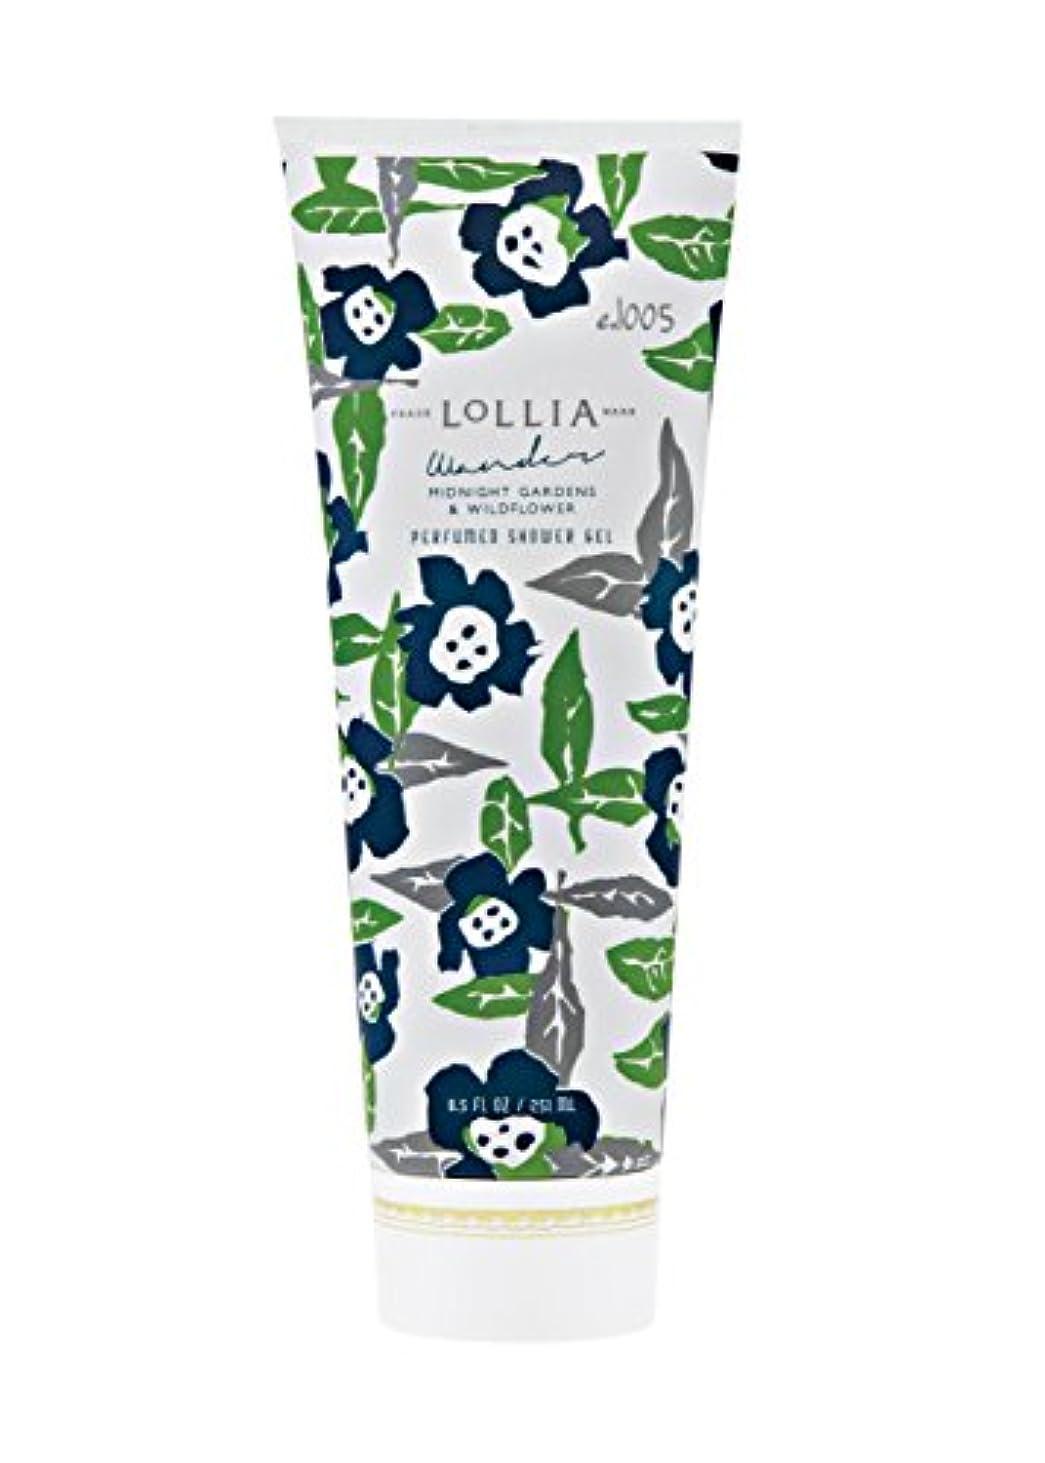 ロリア(LoLLIA) パフュームドシャワージェル Wander 251ml(全身用洗浄料 ボディーソープ ナイトブルーミングジャスミンとサイプレスの香り)